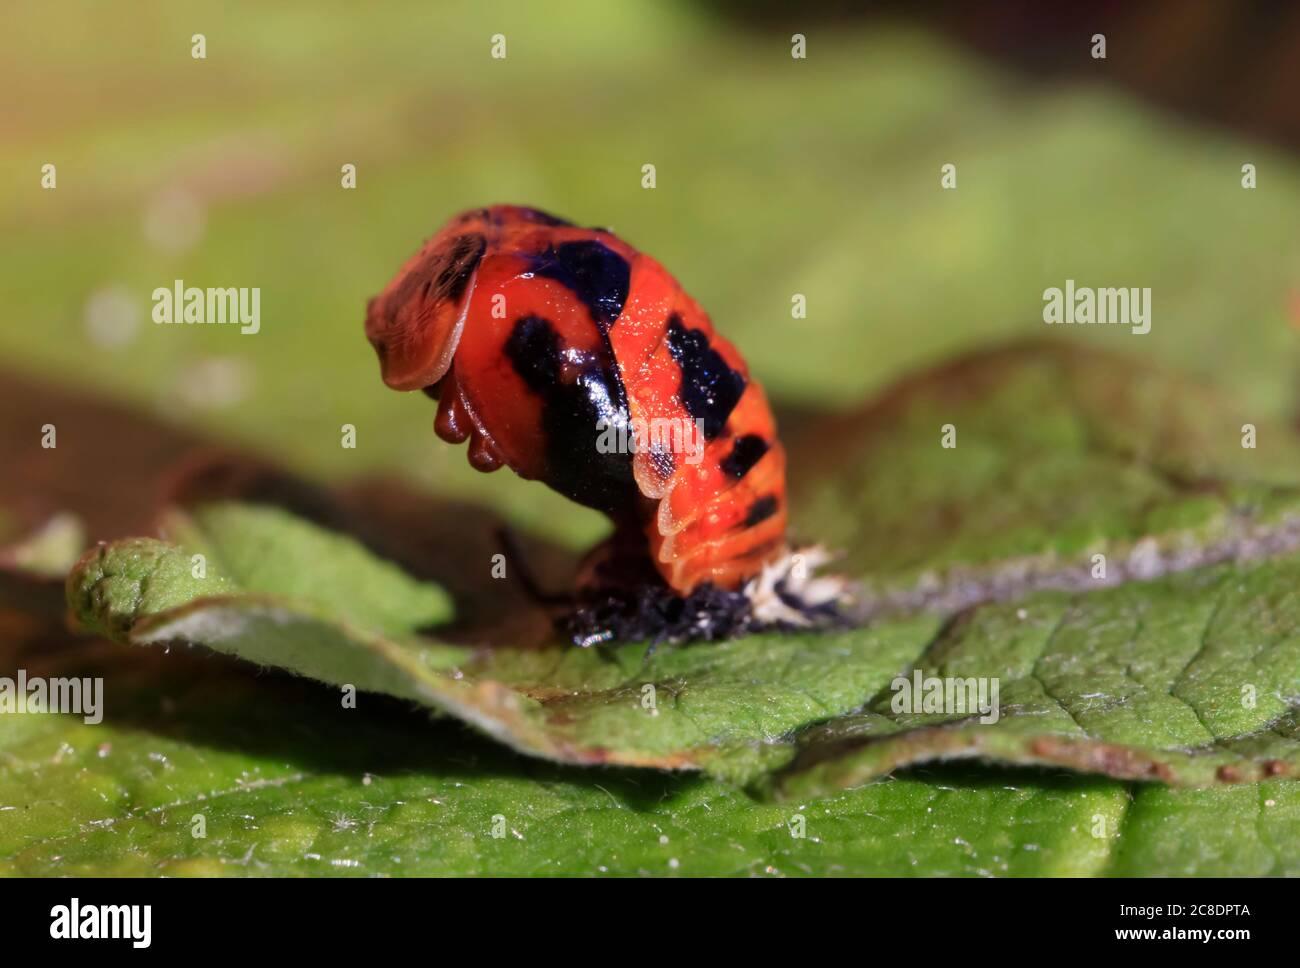 Asian ladybeetle (Harmonia axyridis) hatching on leaf Stock Photo